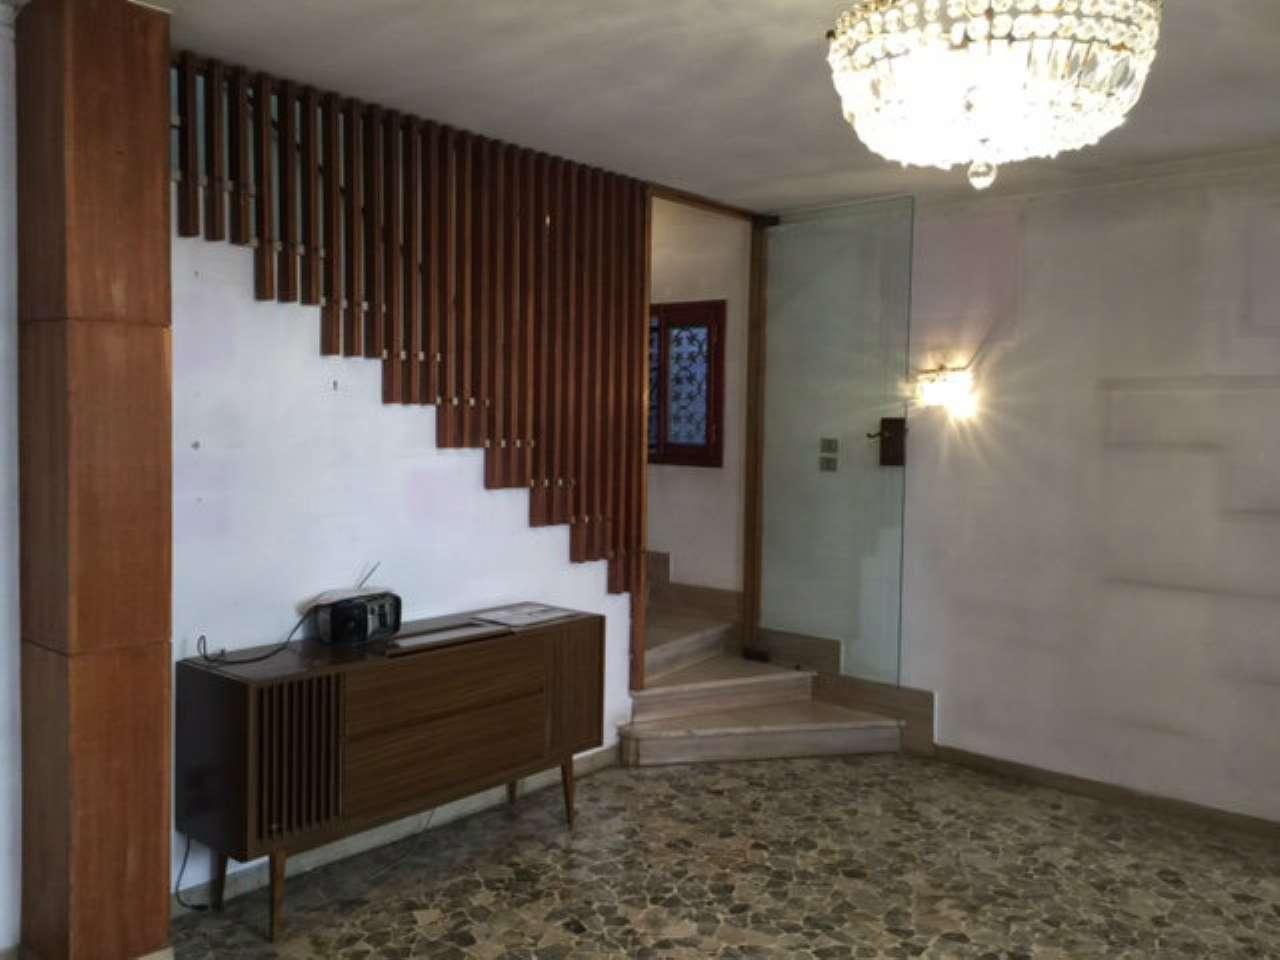 Appartamento in vendita a Venezia, 6 locali, zona Zona: 5 . San Marco, prezzo € 650.000   Cambio Casa.it